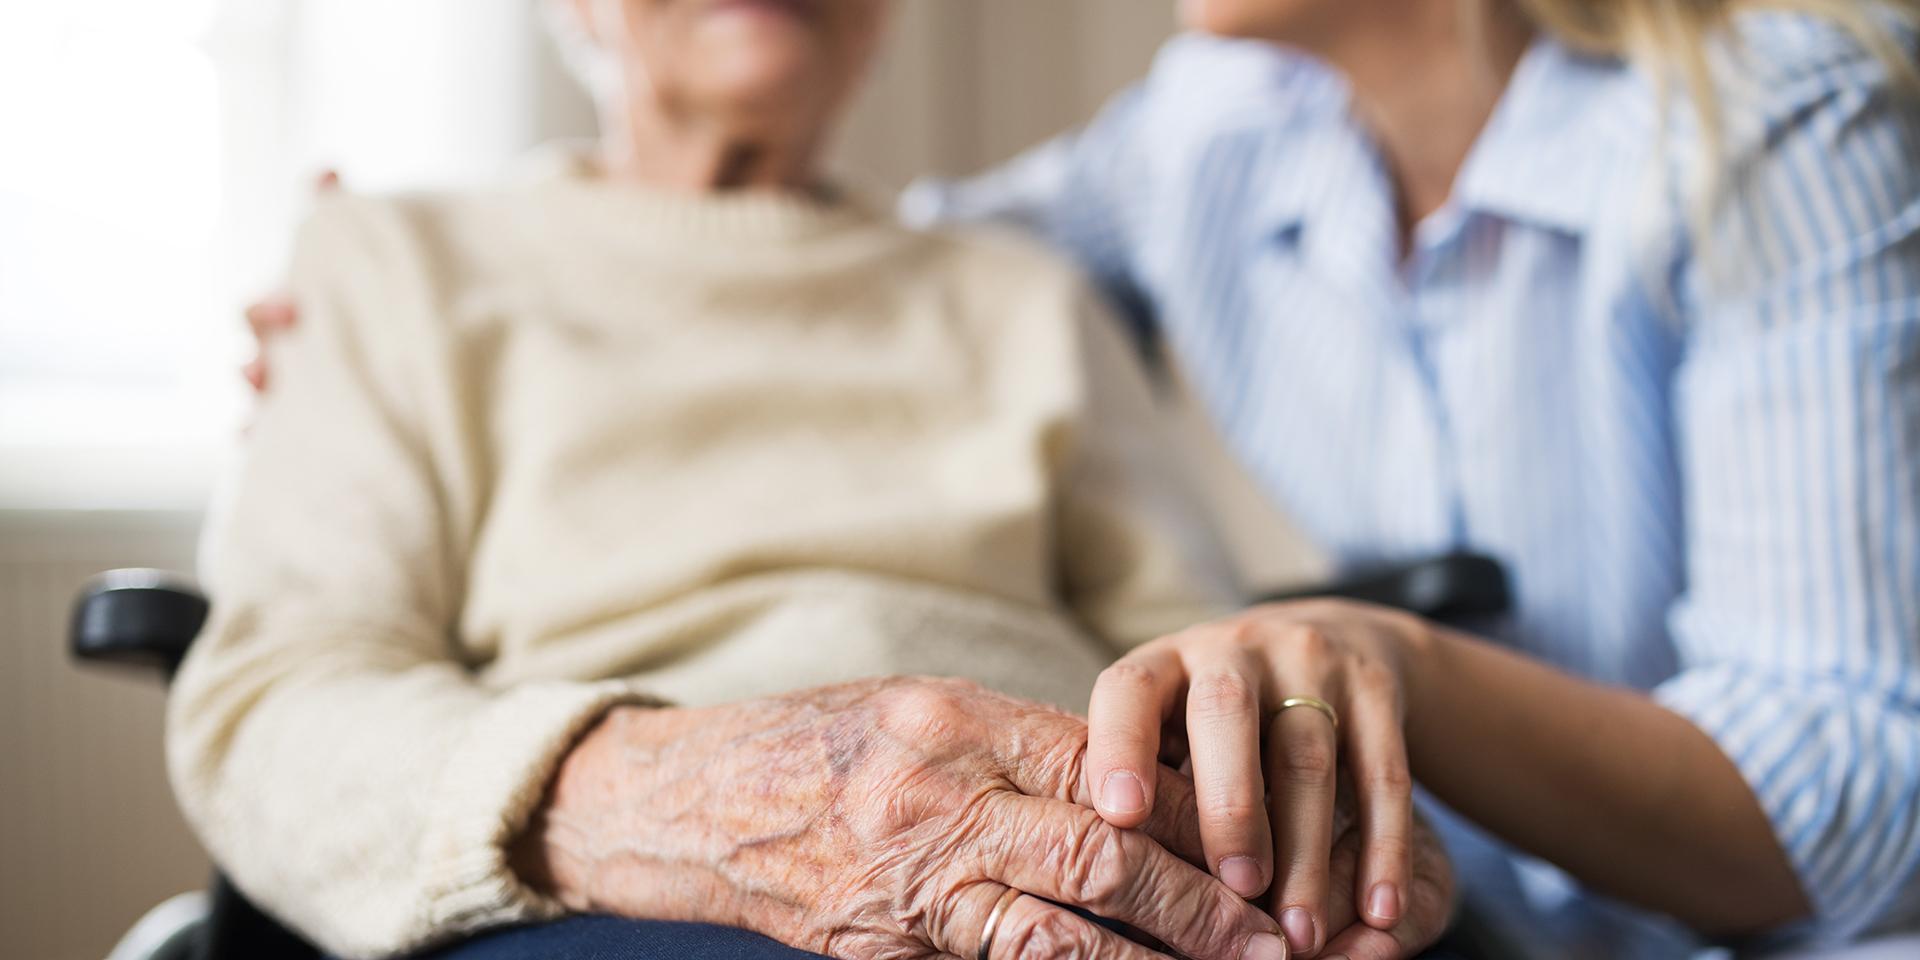 Im Rahmen der Themenwoche werden die unterschiedlichsten Bereiche der Care-Arbeit in den Blick genommen.